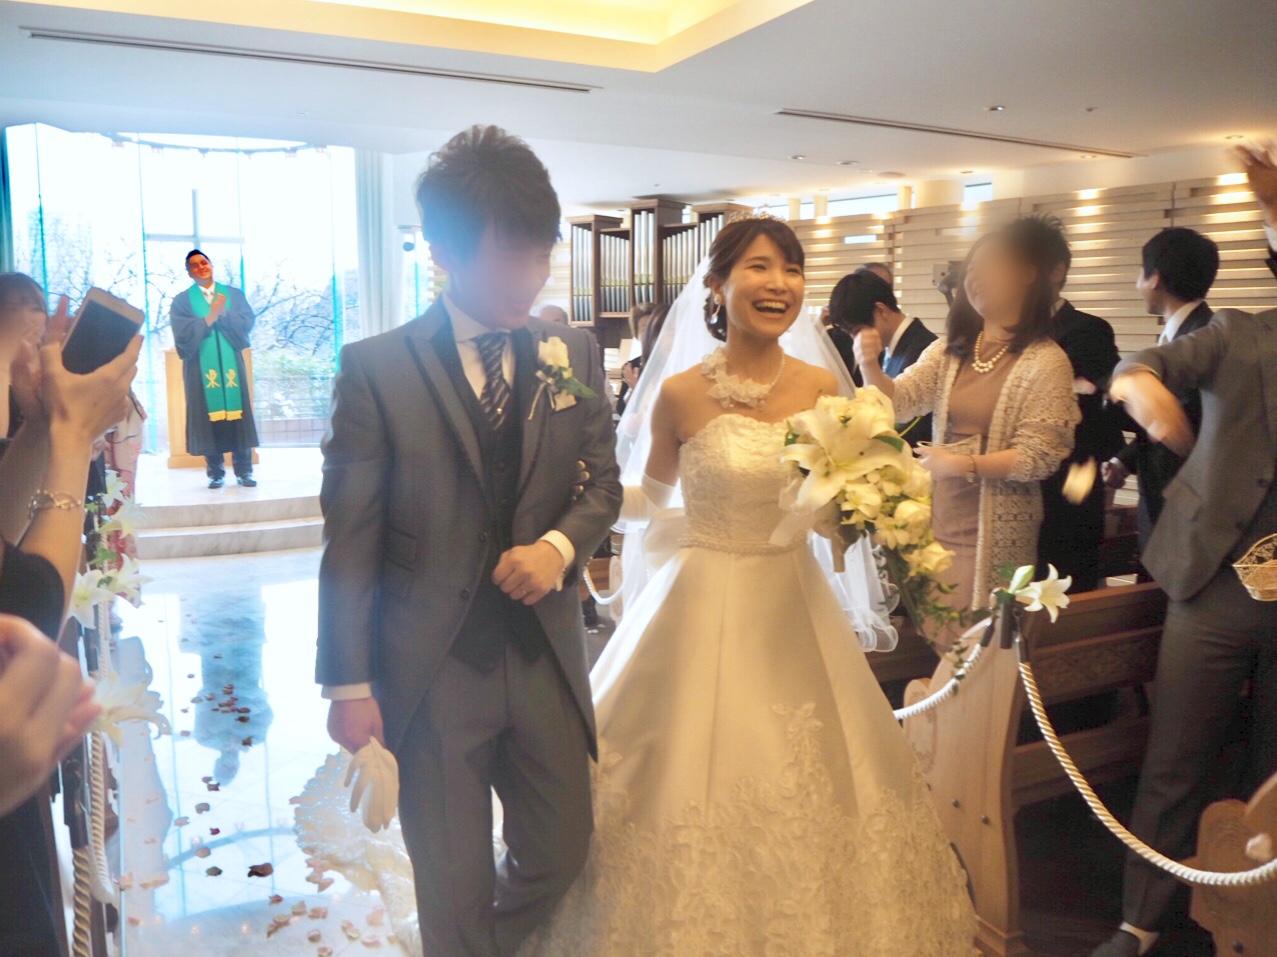 【椿山荘】Reina❤️ちゃんの和やか結婚式_9